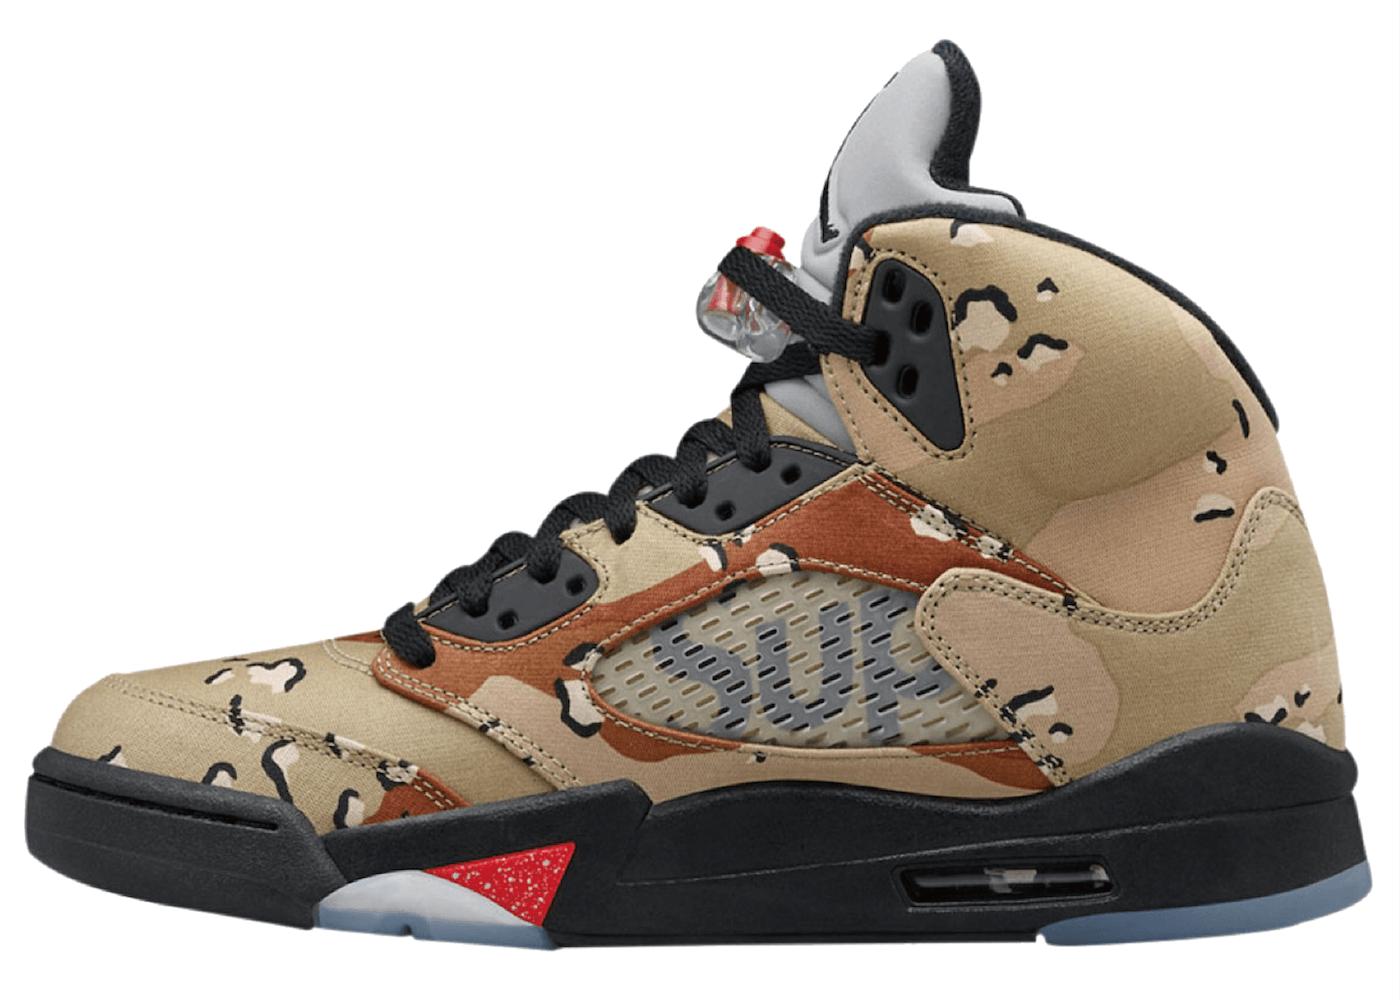 Nike Air Jordan 5 Retro Supreme Desert Camoの写真